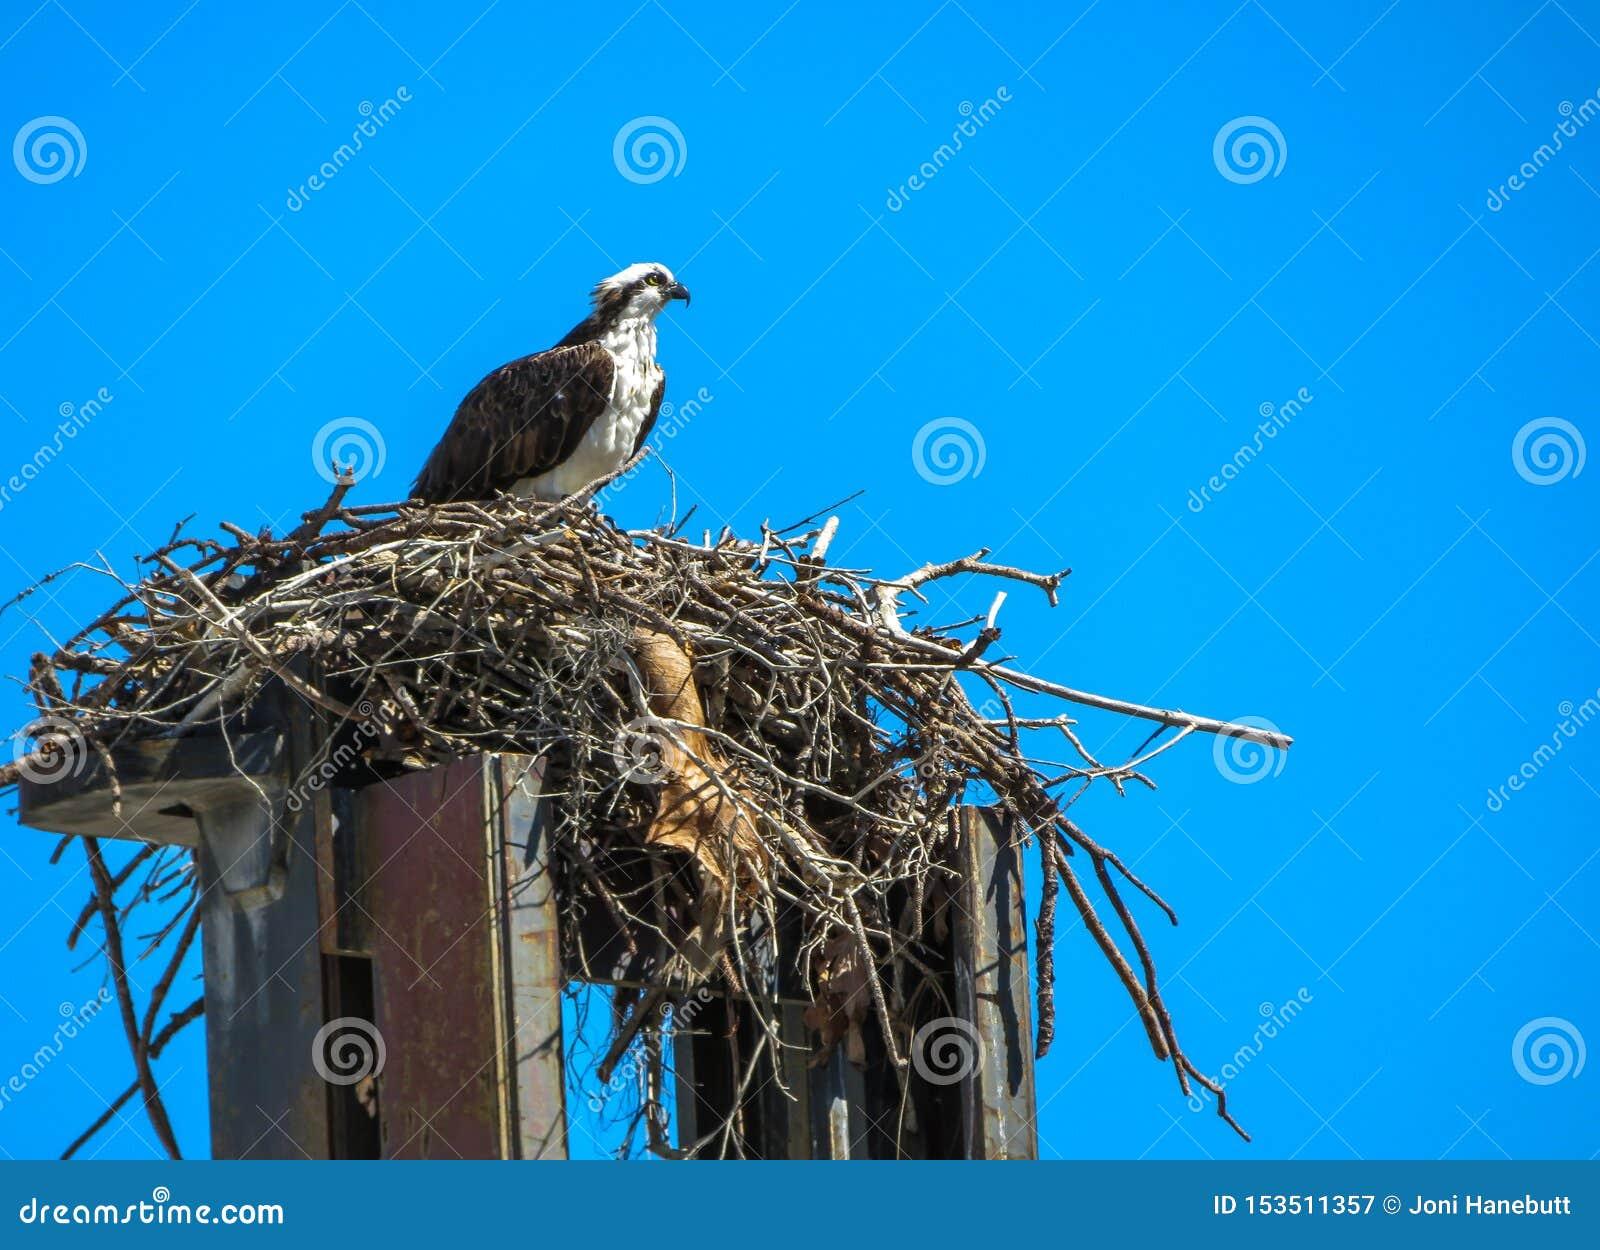 坐在铲车顶部的白鹭的羽毛